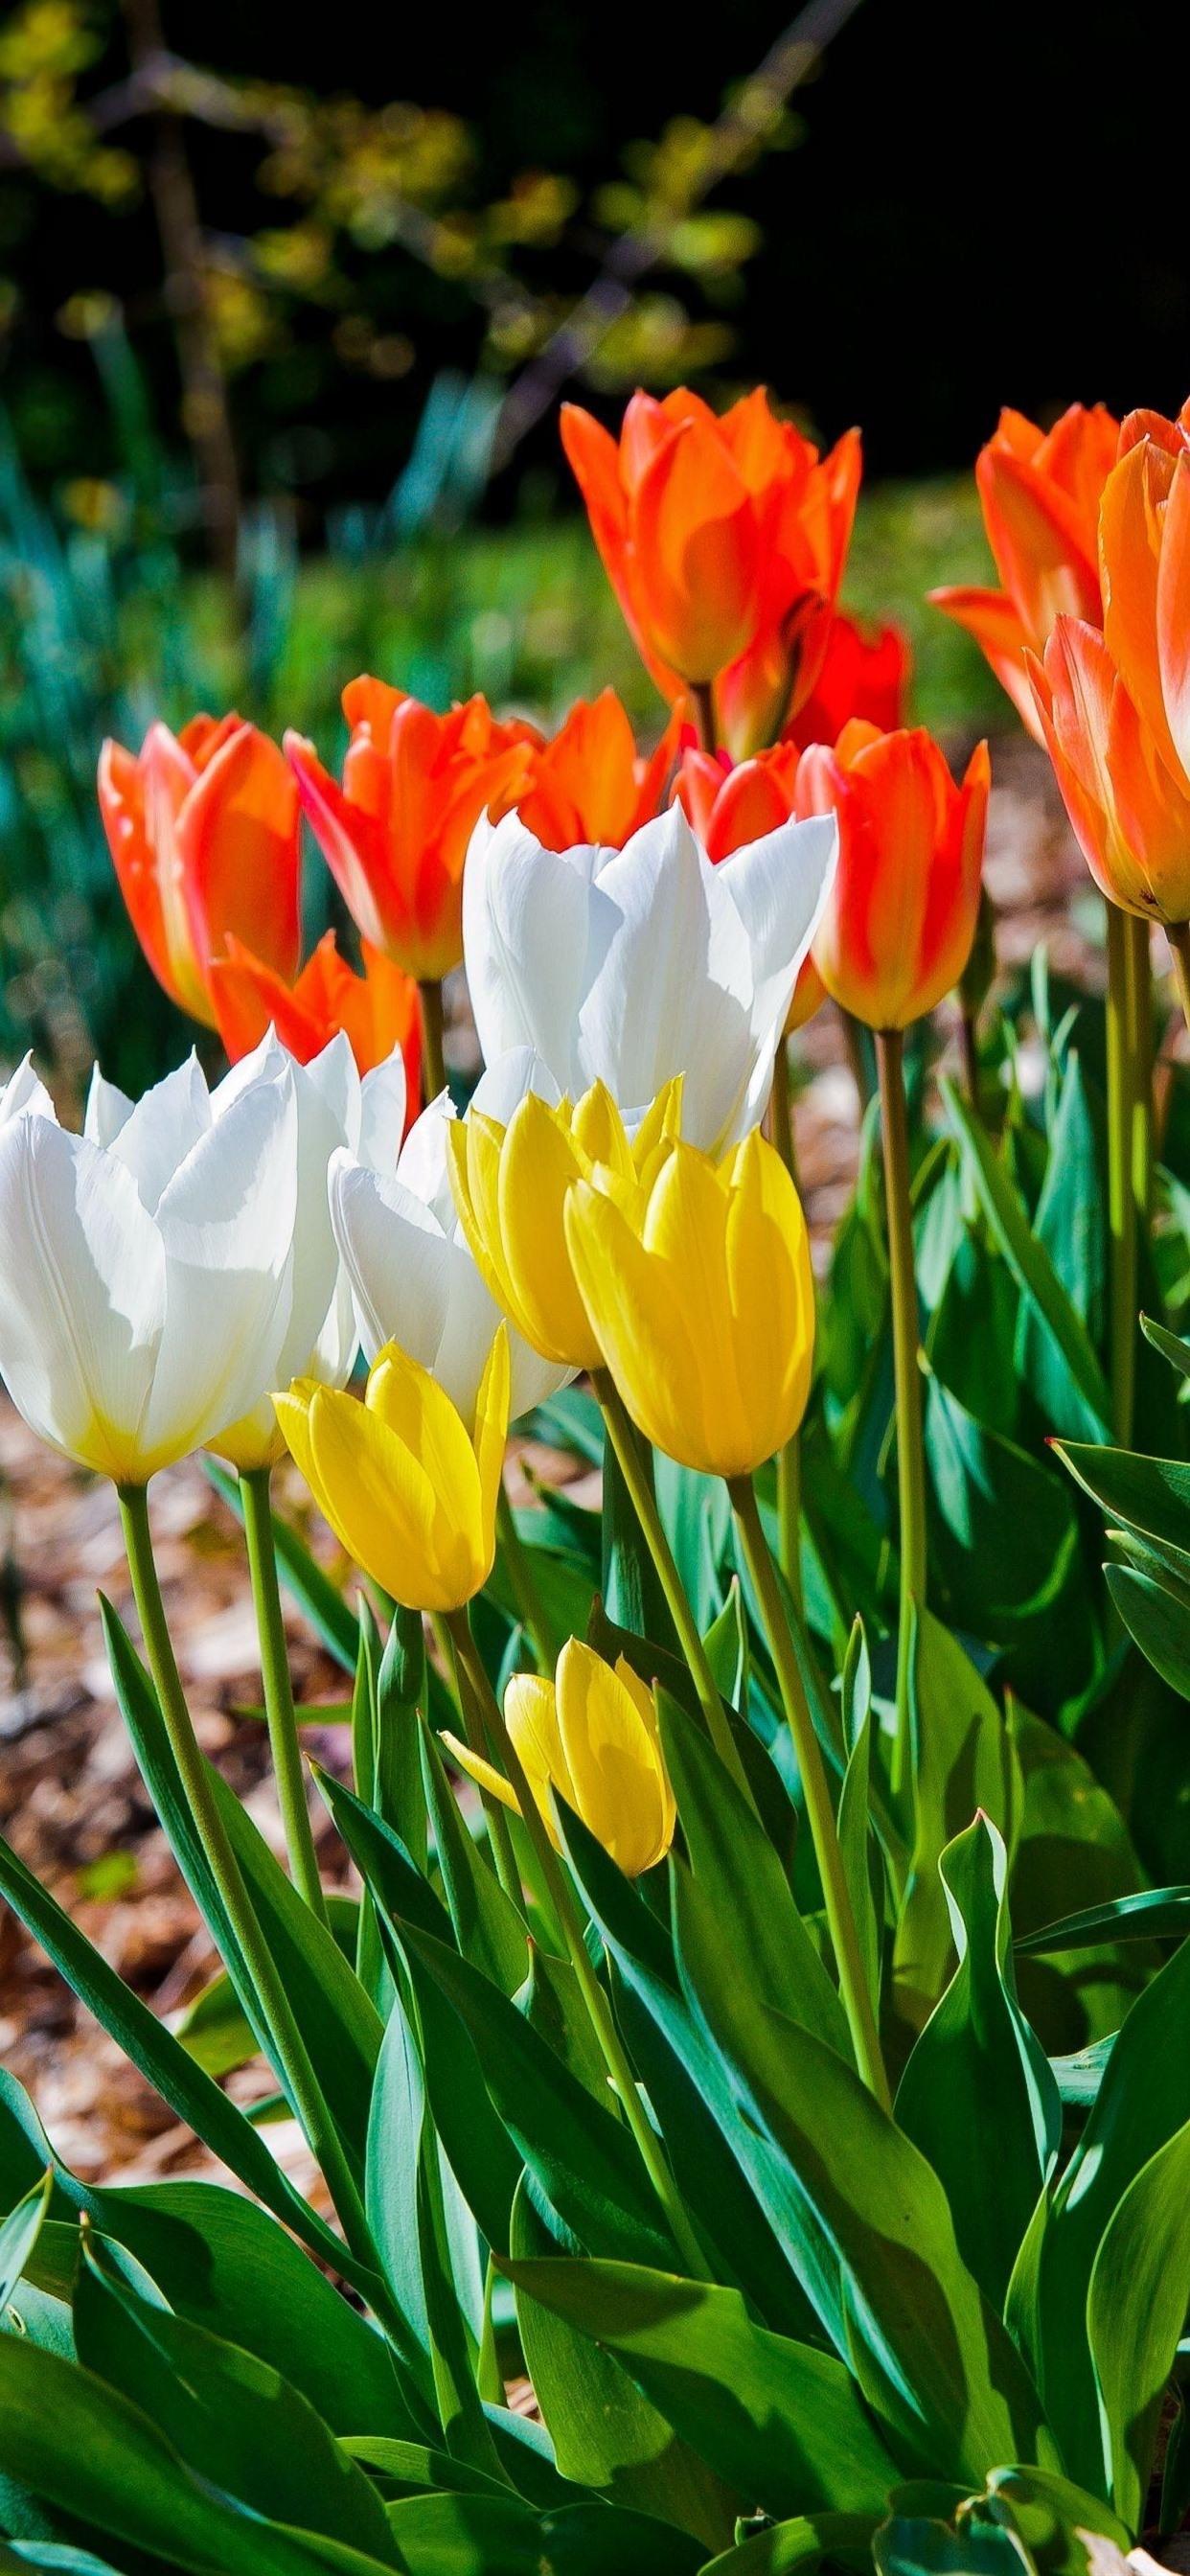 Flowers Field White Orange Yellow Tulips 1242x2688 Iphone